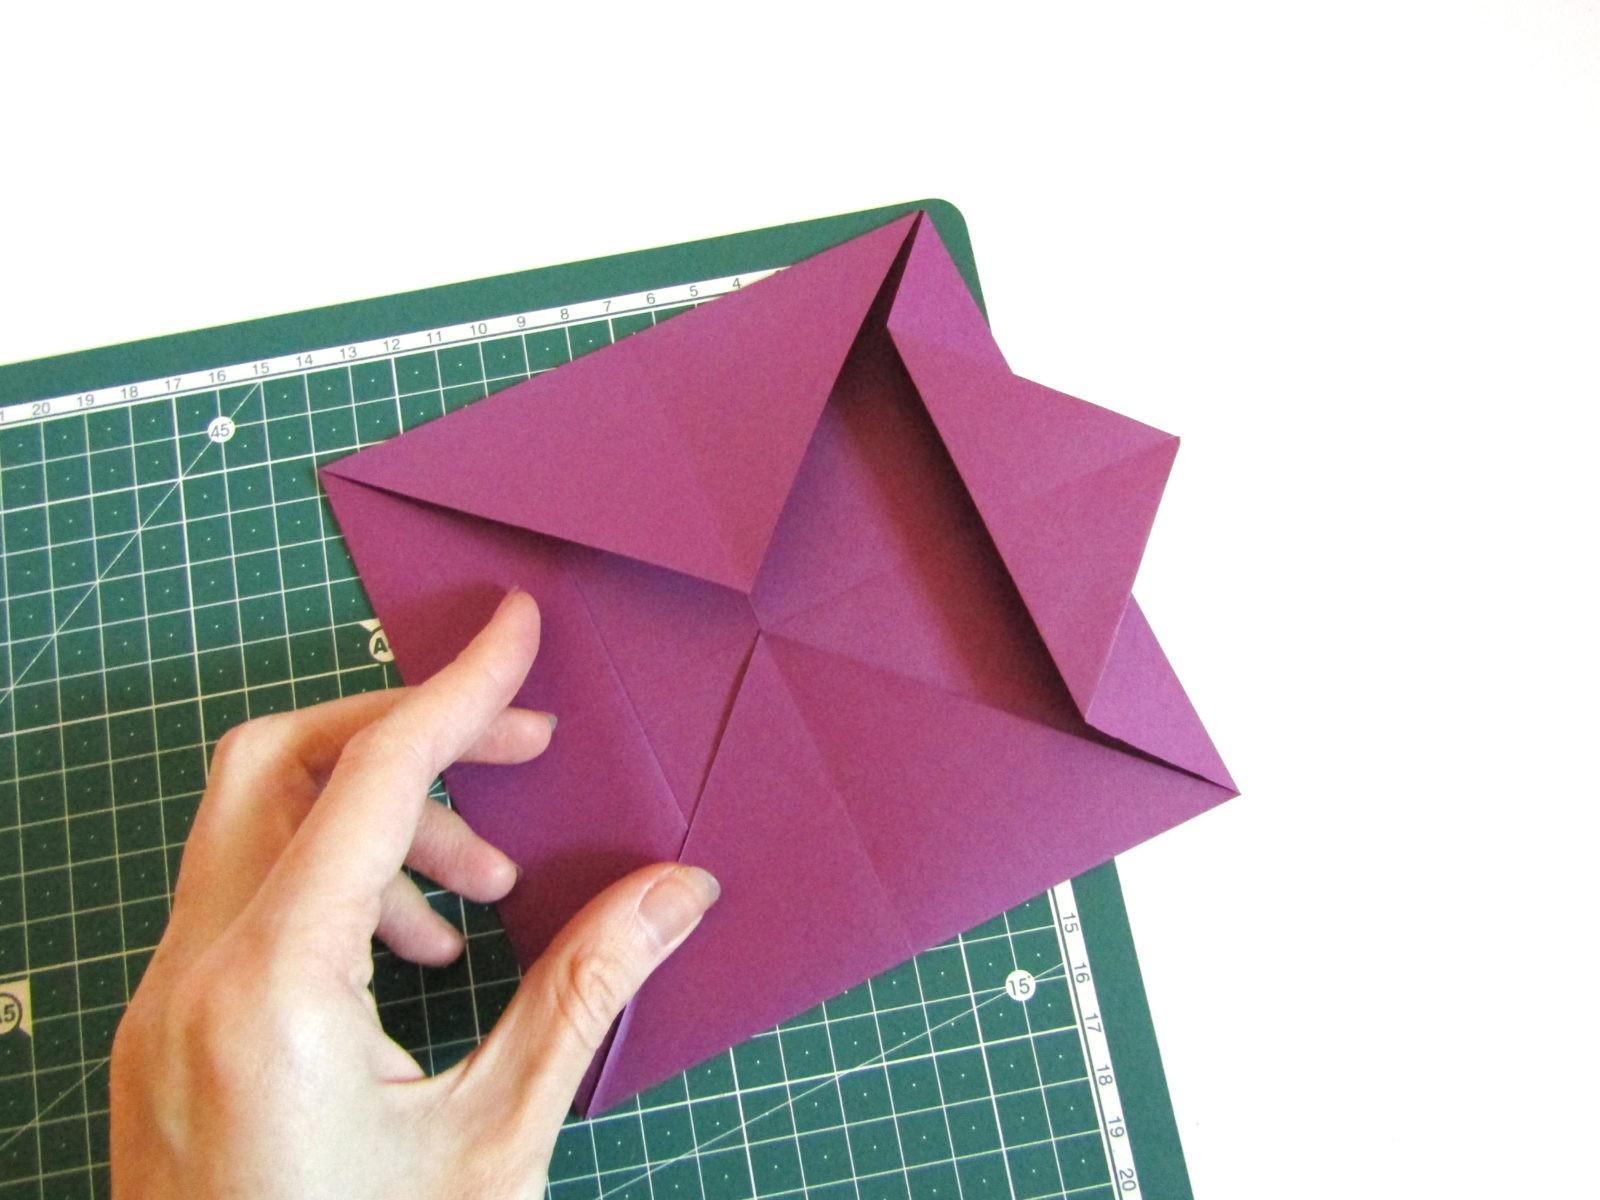 Очень легко и просто можно создать объемную поделку без использования клея. Конечно, даже ножницы могут и не понадобиться, если изначально у вас будет готовая заготовка в виде квадрата. Так получим собачку оригами благодаря ловкости рук! - 7